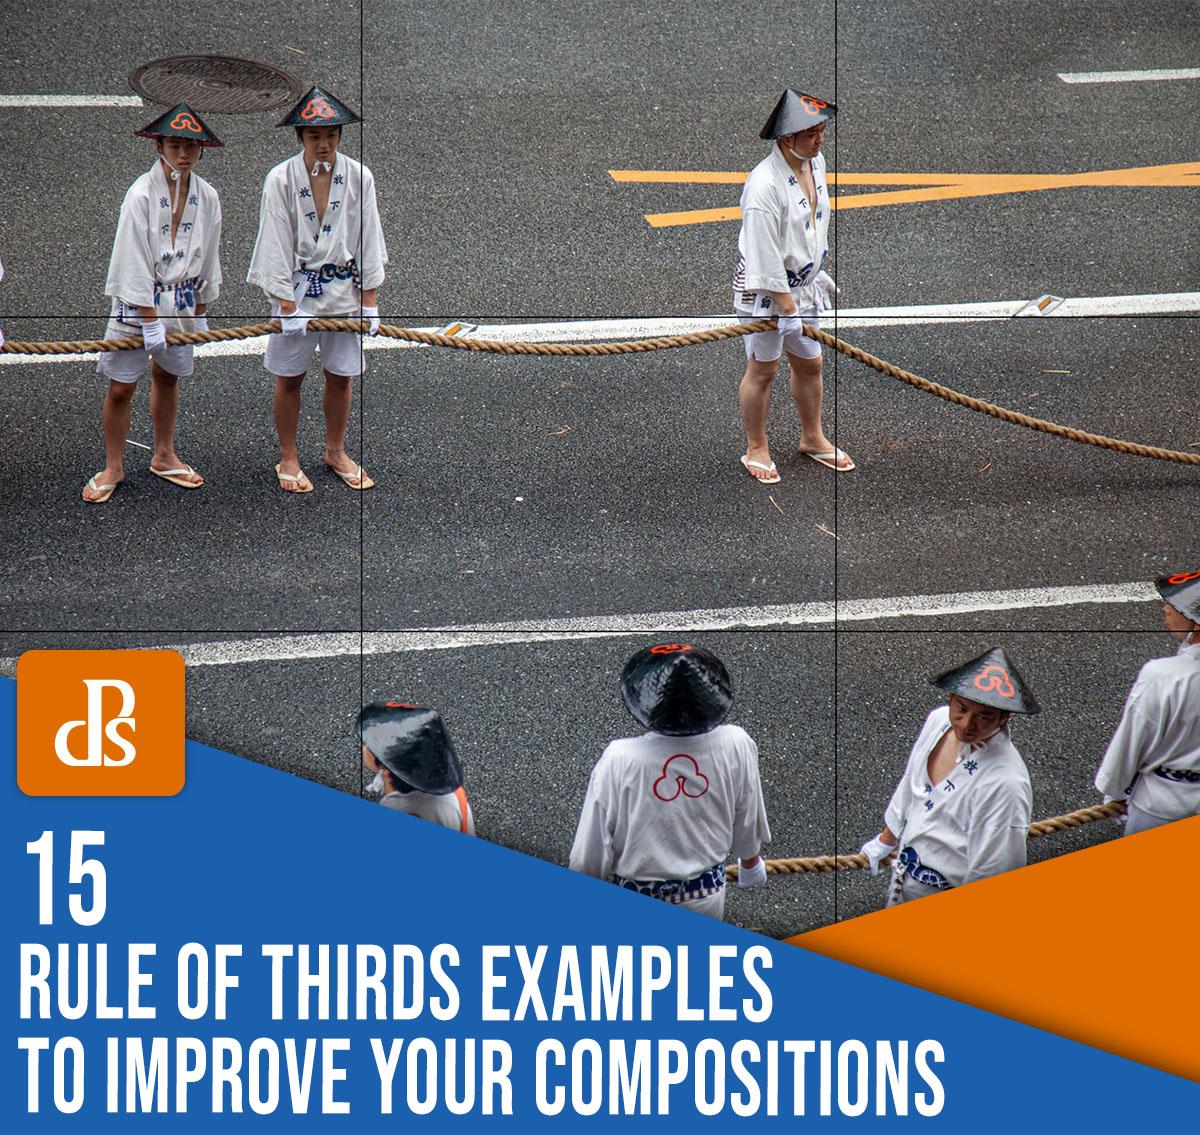 15 exemplos da regra dos terços para melhorar suas composições